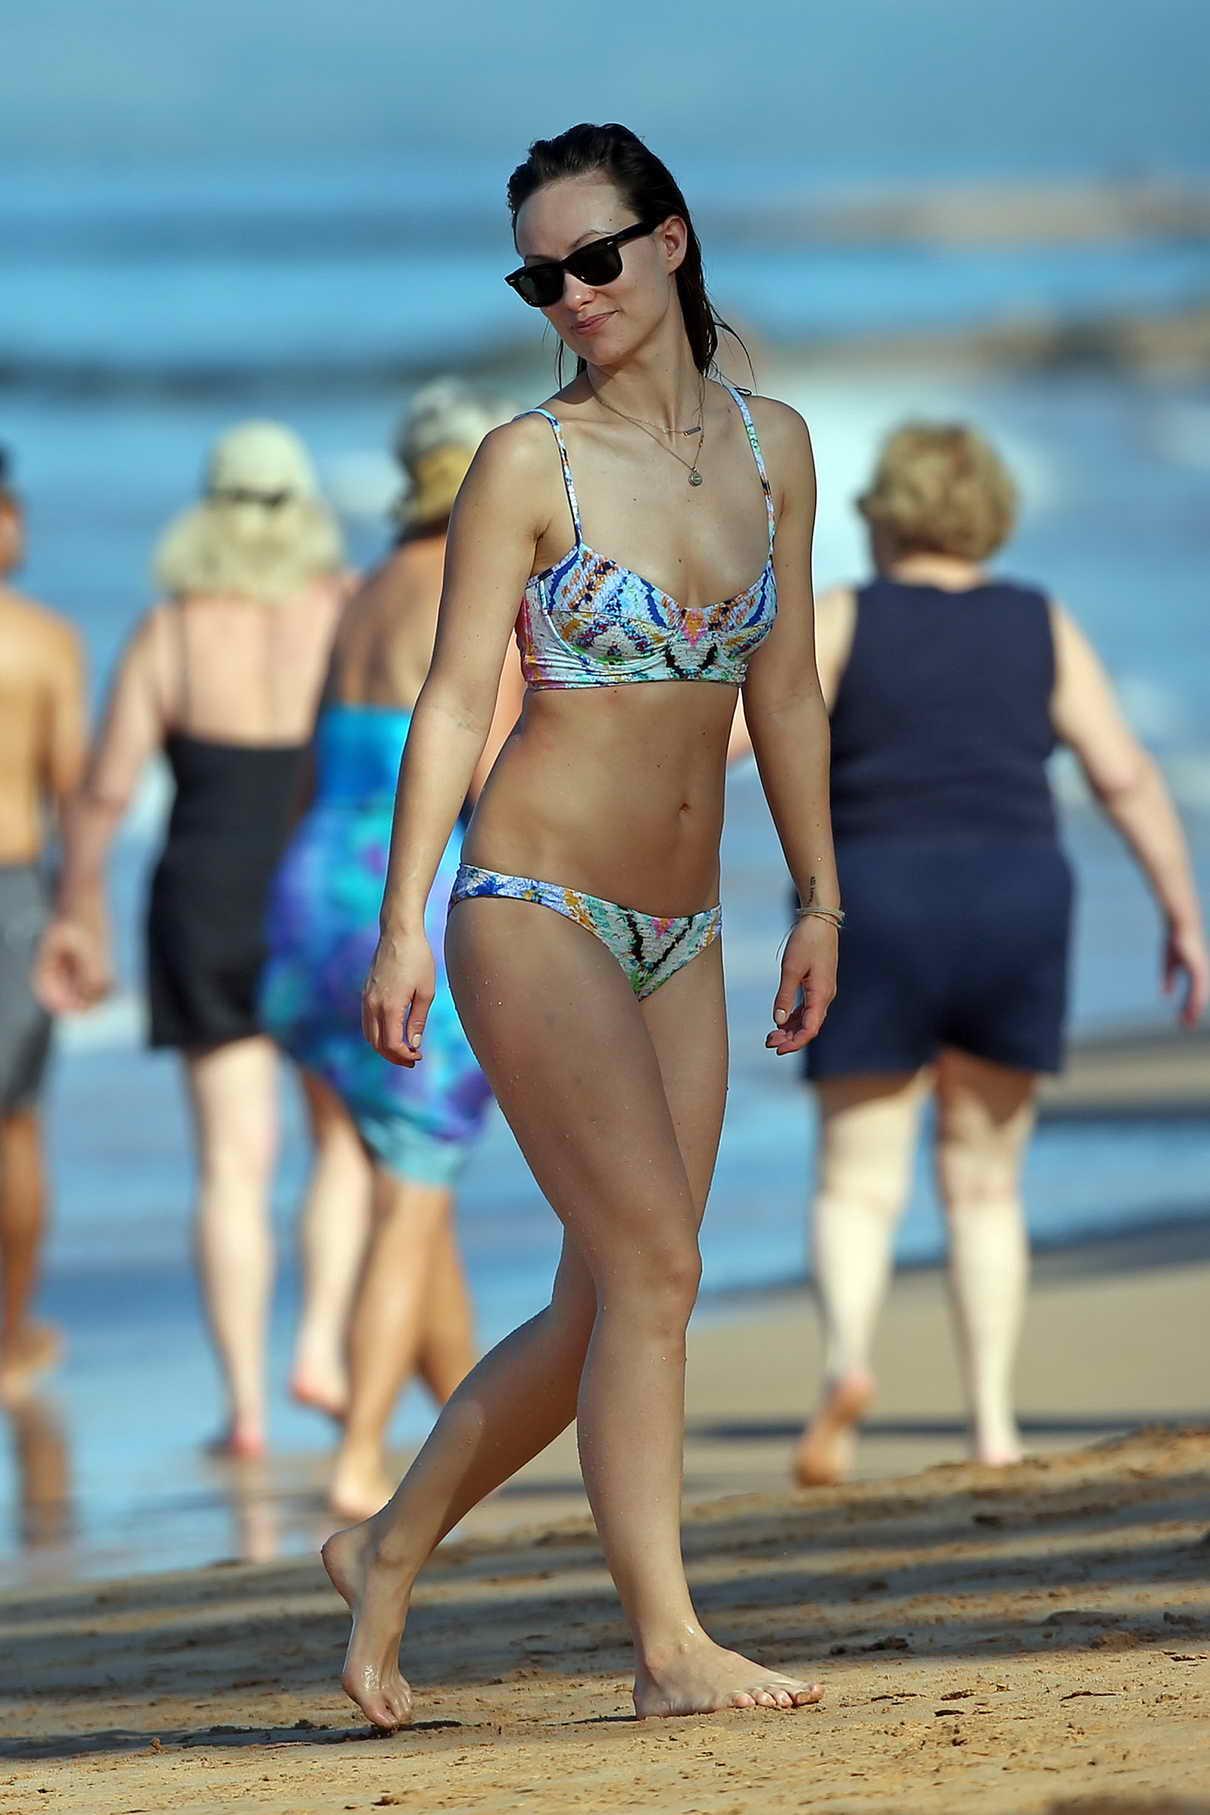 Olivia Wilde Spotted In Bikini In Hawaii 12 13 2015